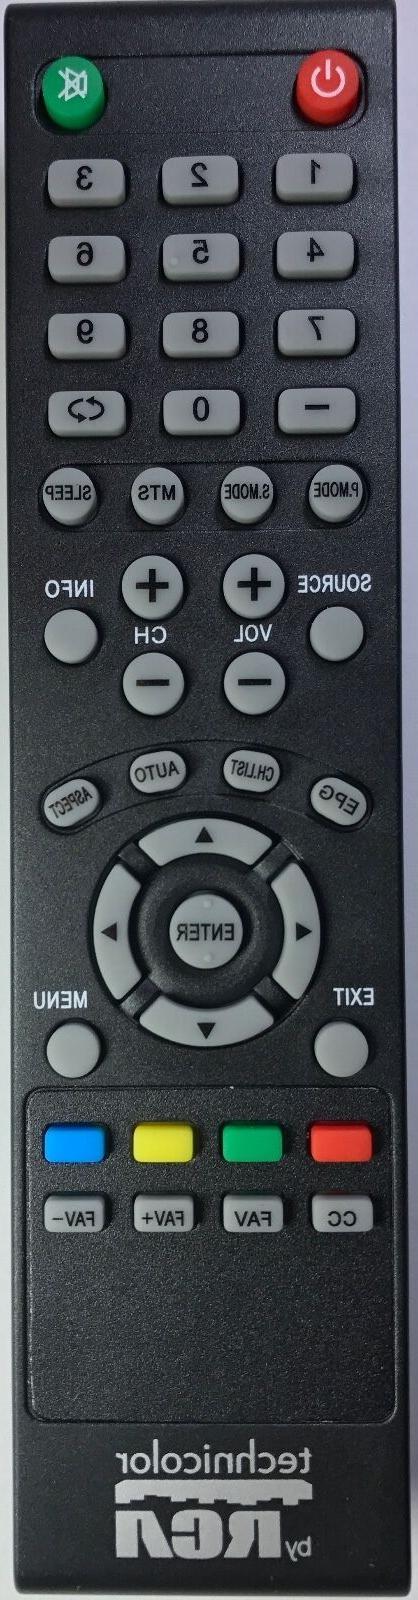 Original New Technicolor by RCA  TV Remote for most Technico